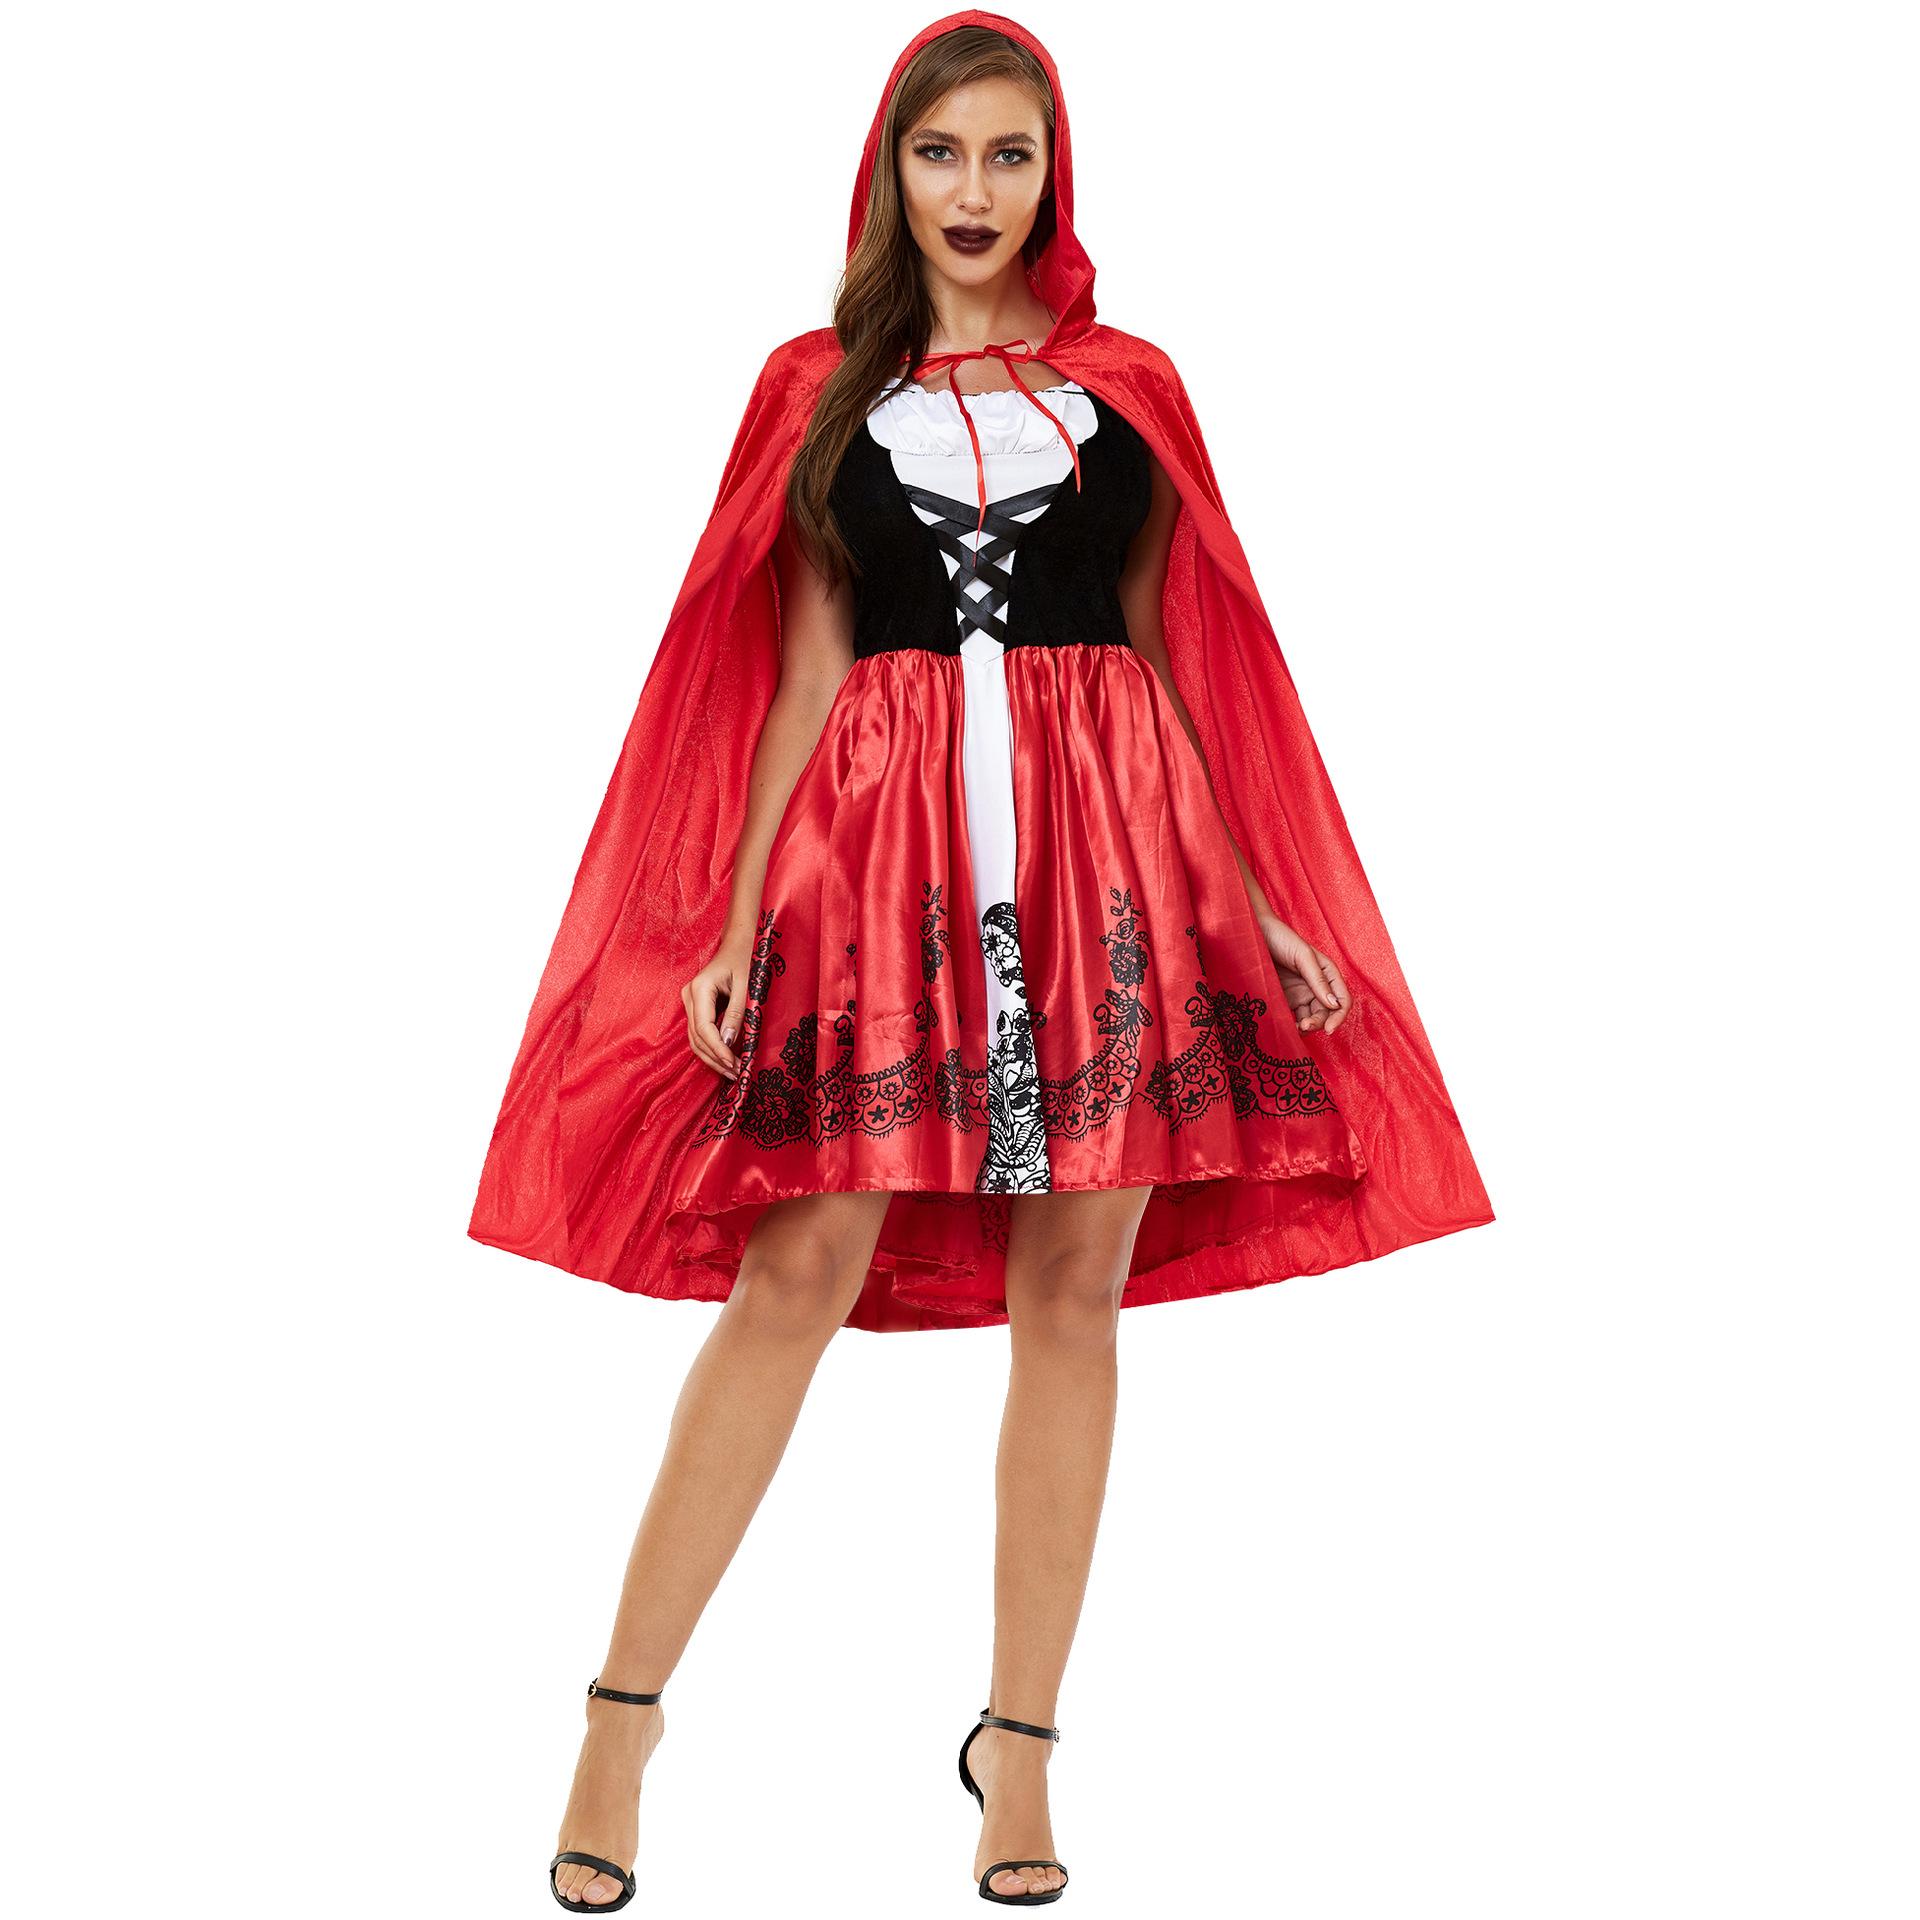 Grimms Märchen Klassische Charakter Die Rotkäppchen Halloween Cosplay halloween kostüme erwachsene